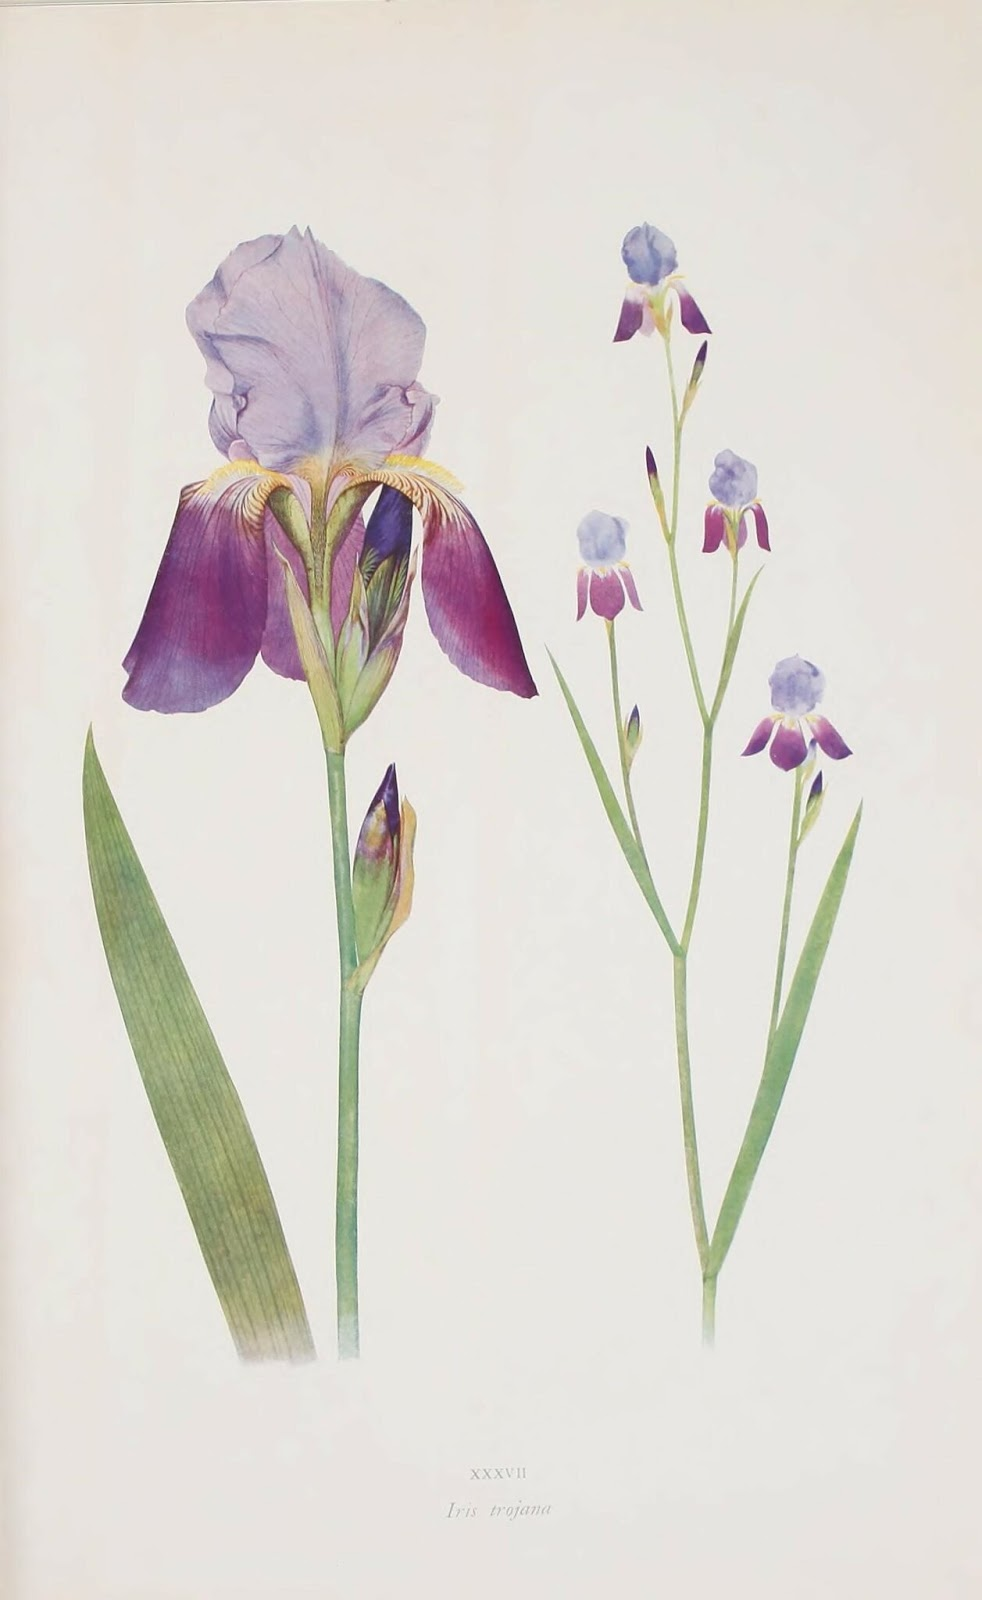 flor de lirio color azul y púrpura